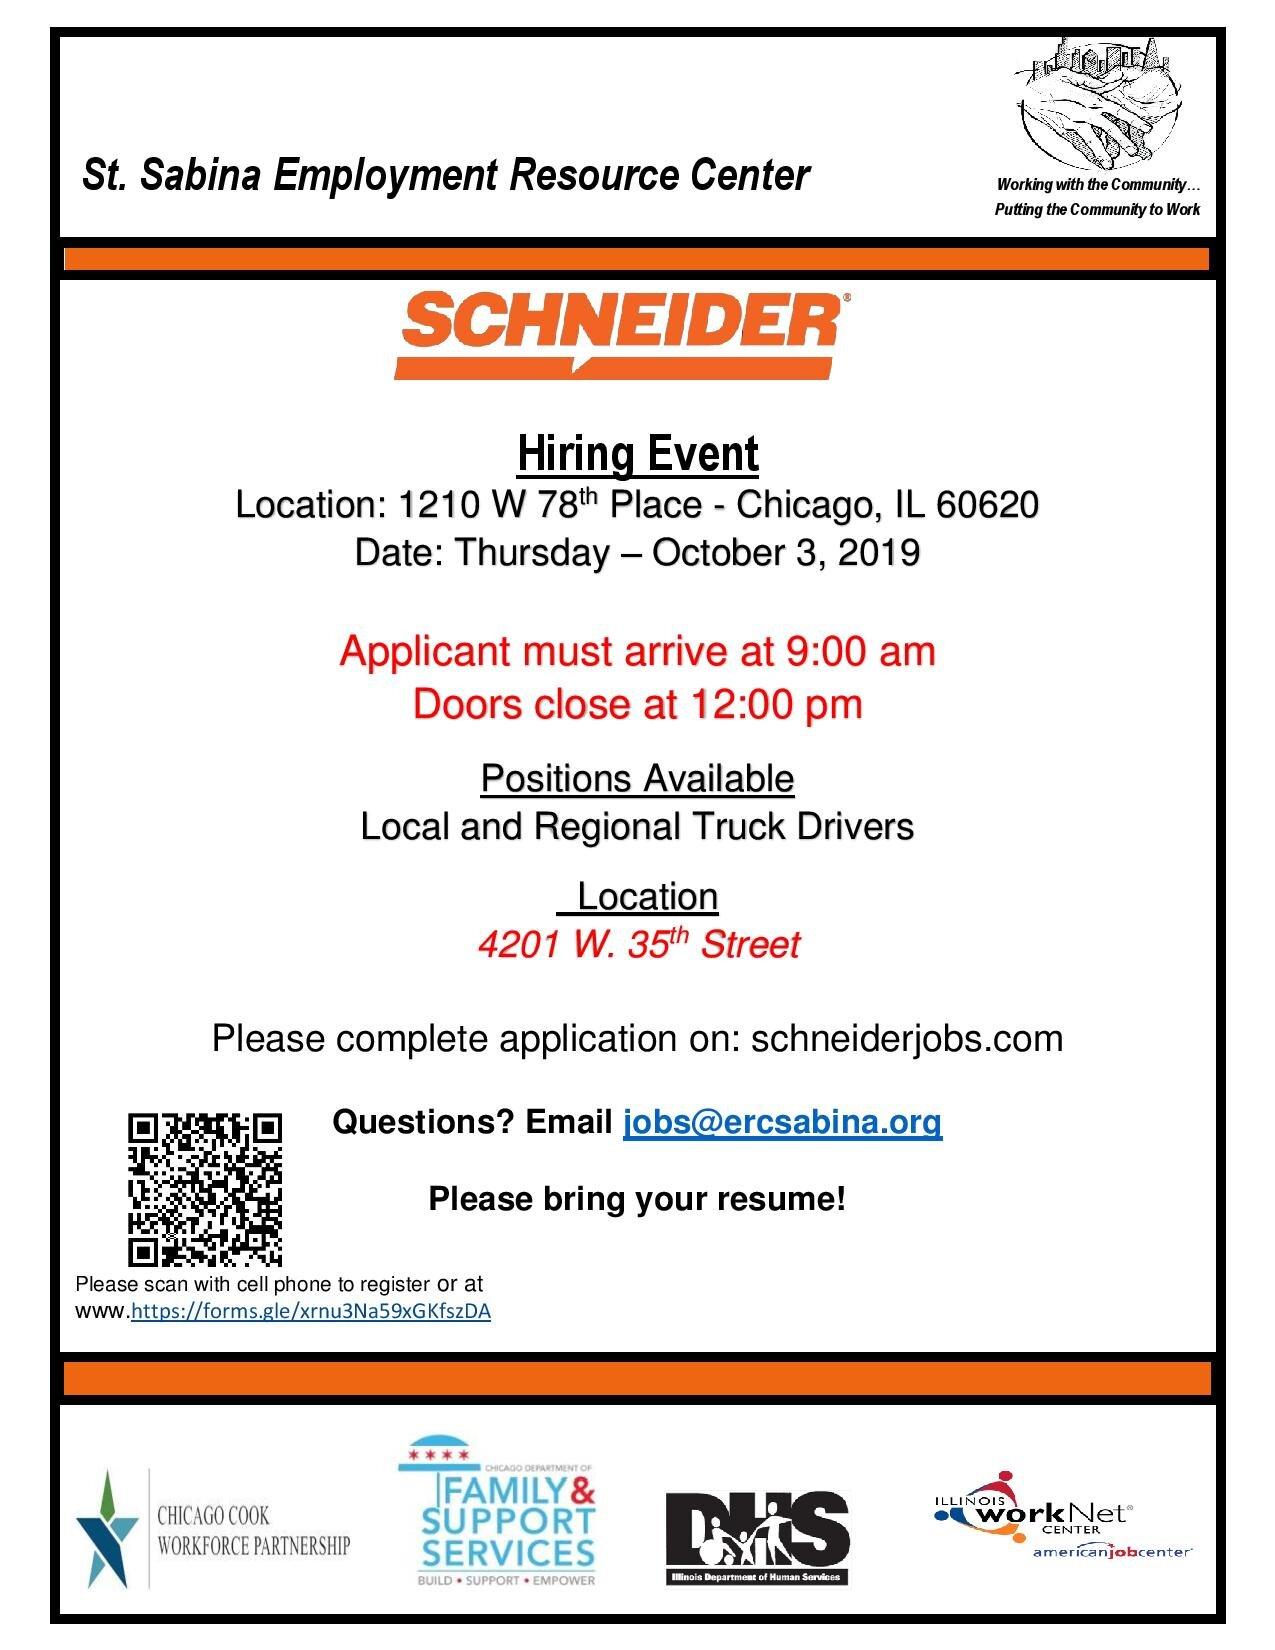 10-03-2019 Schneider pdf-page-001.jpg